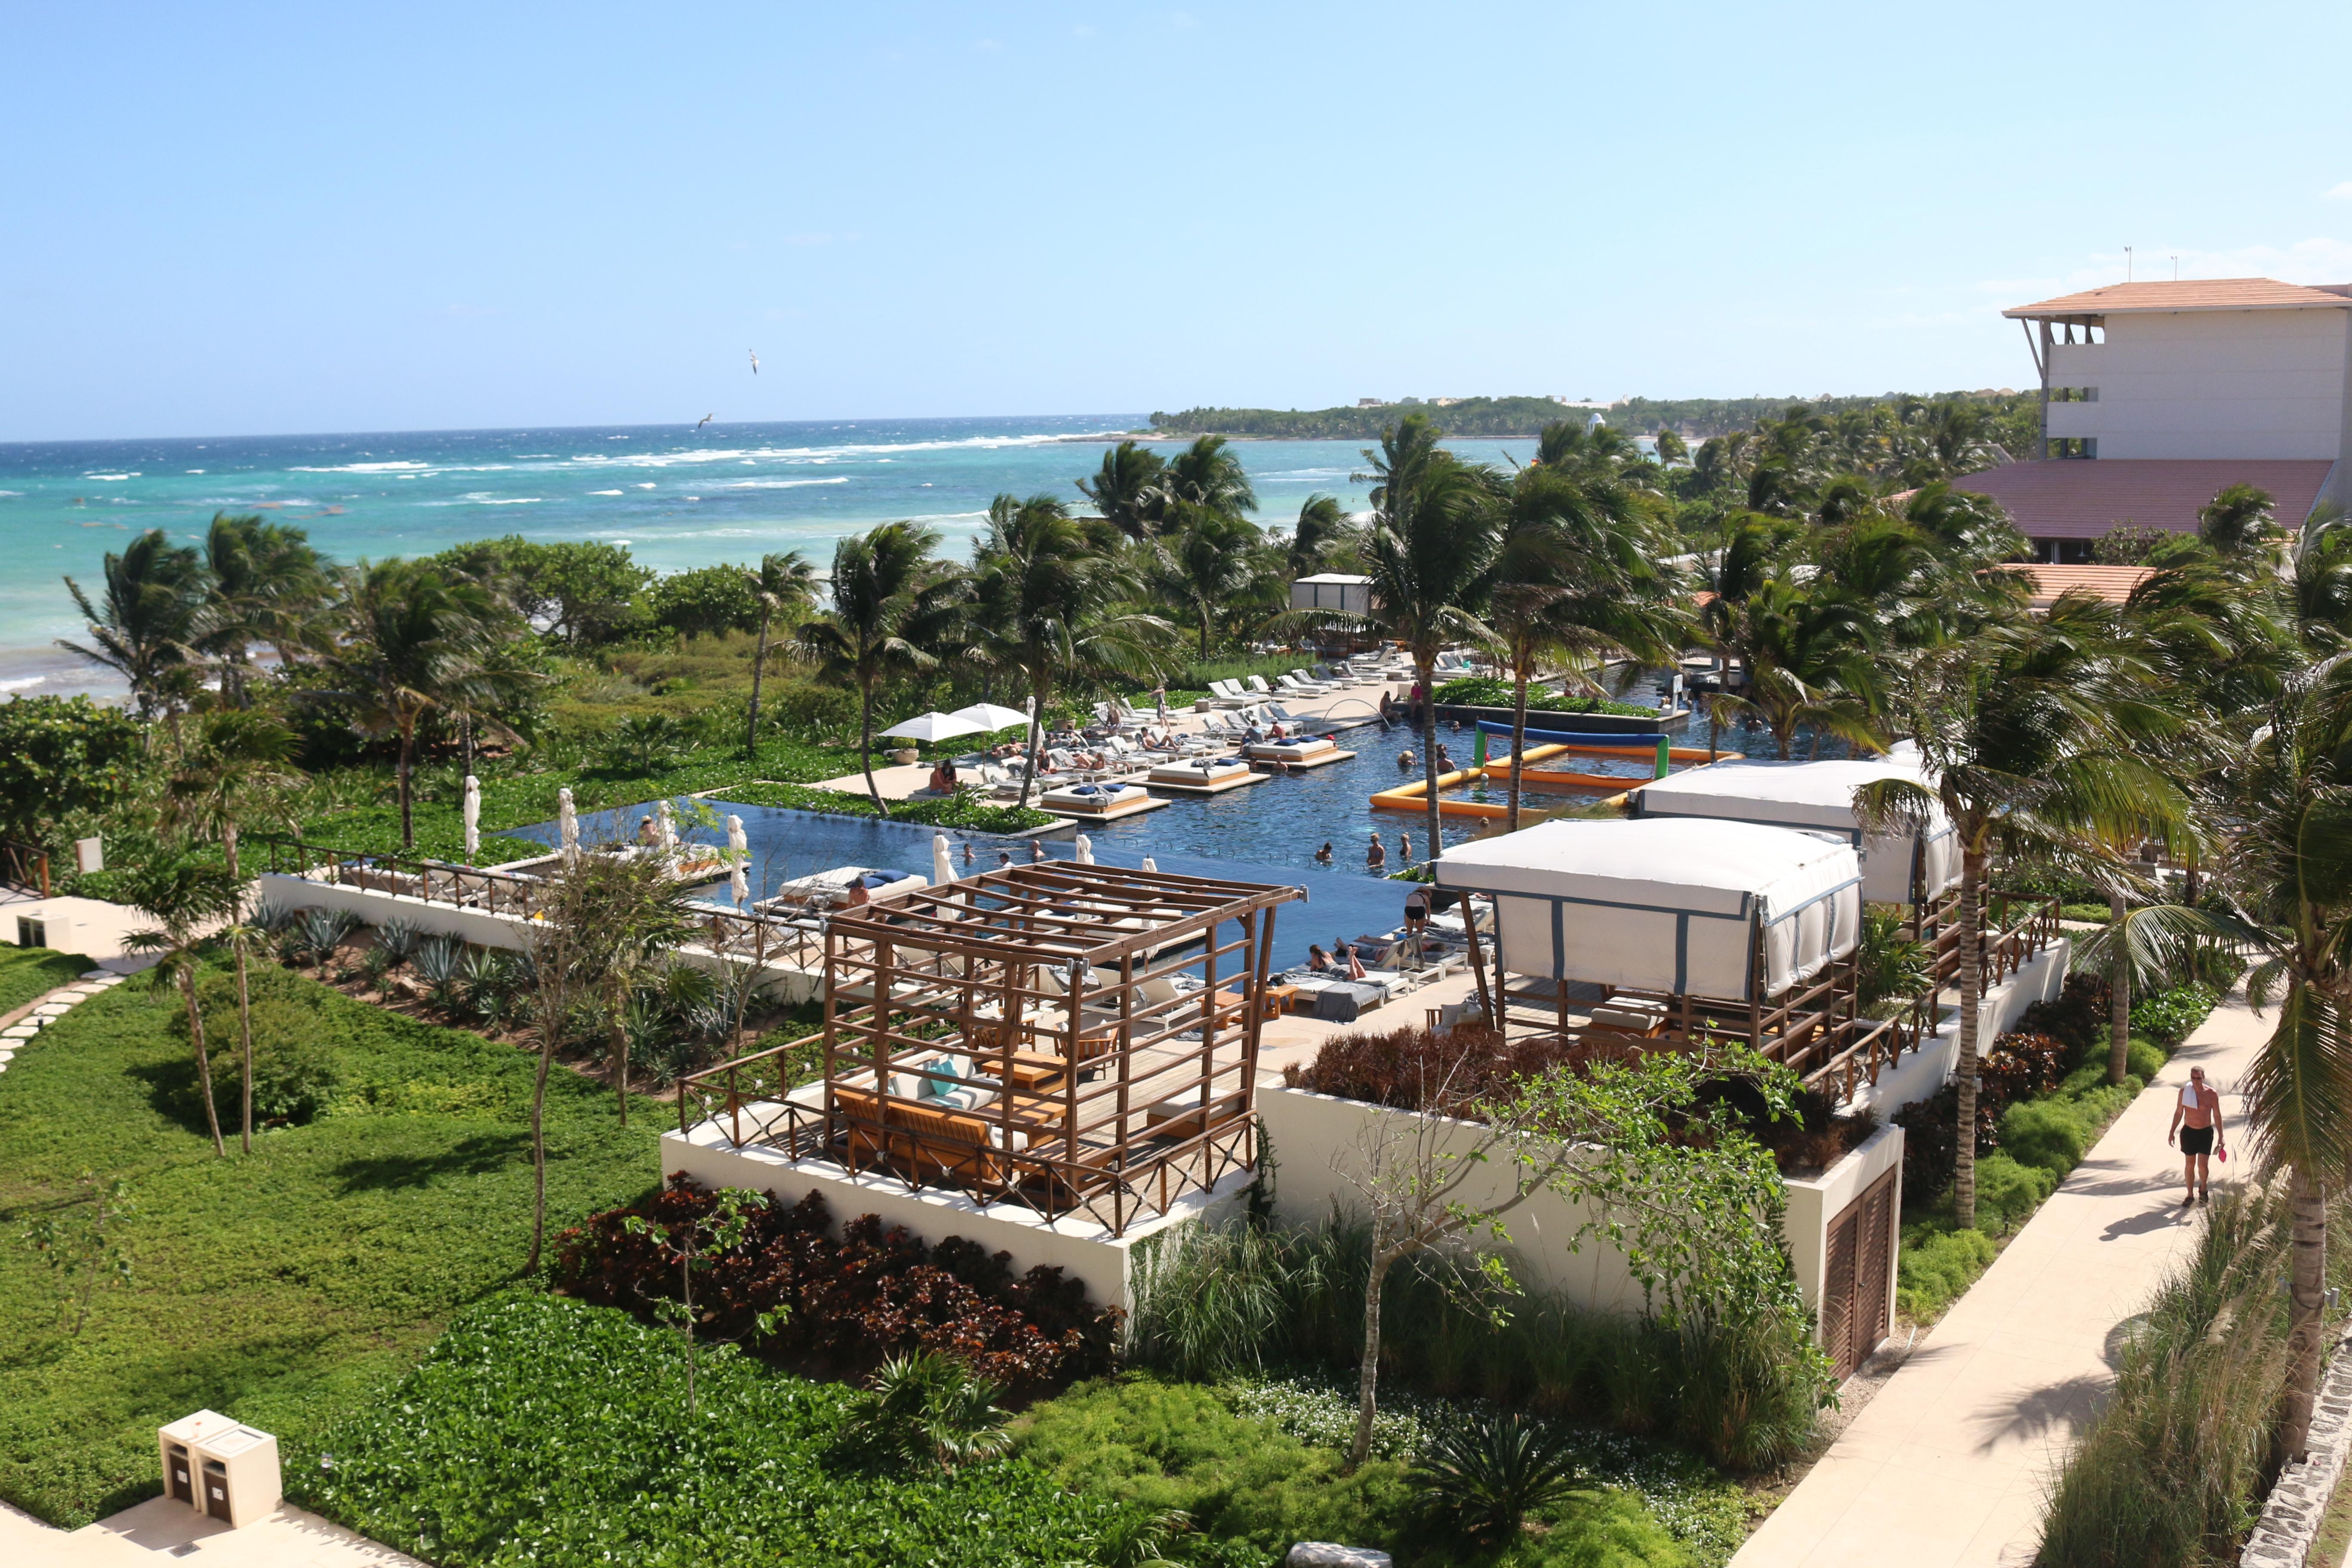 Les piscines d'Unico sont ouvertes, mais les bars de la piscine swim-up restent fermés. Photo: Christine Hogg pour Pax Global Media.